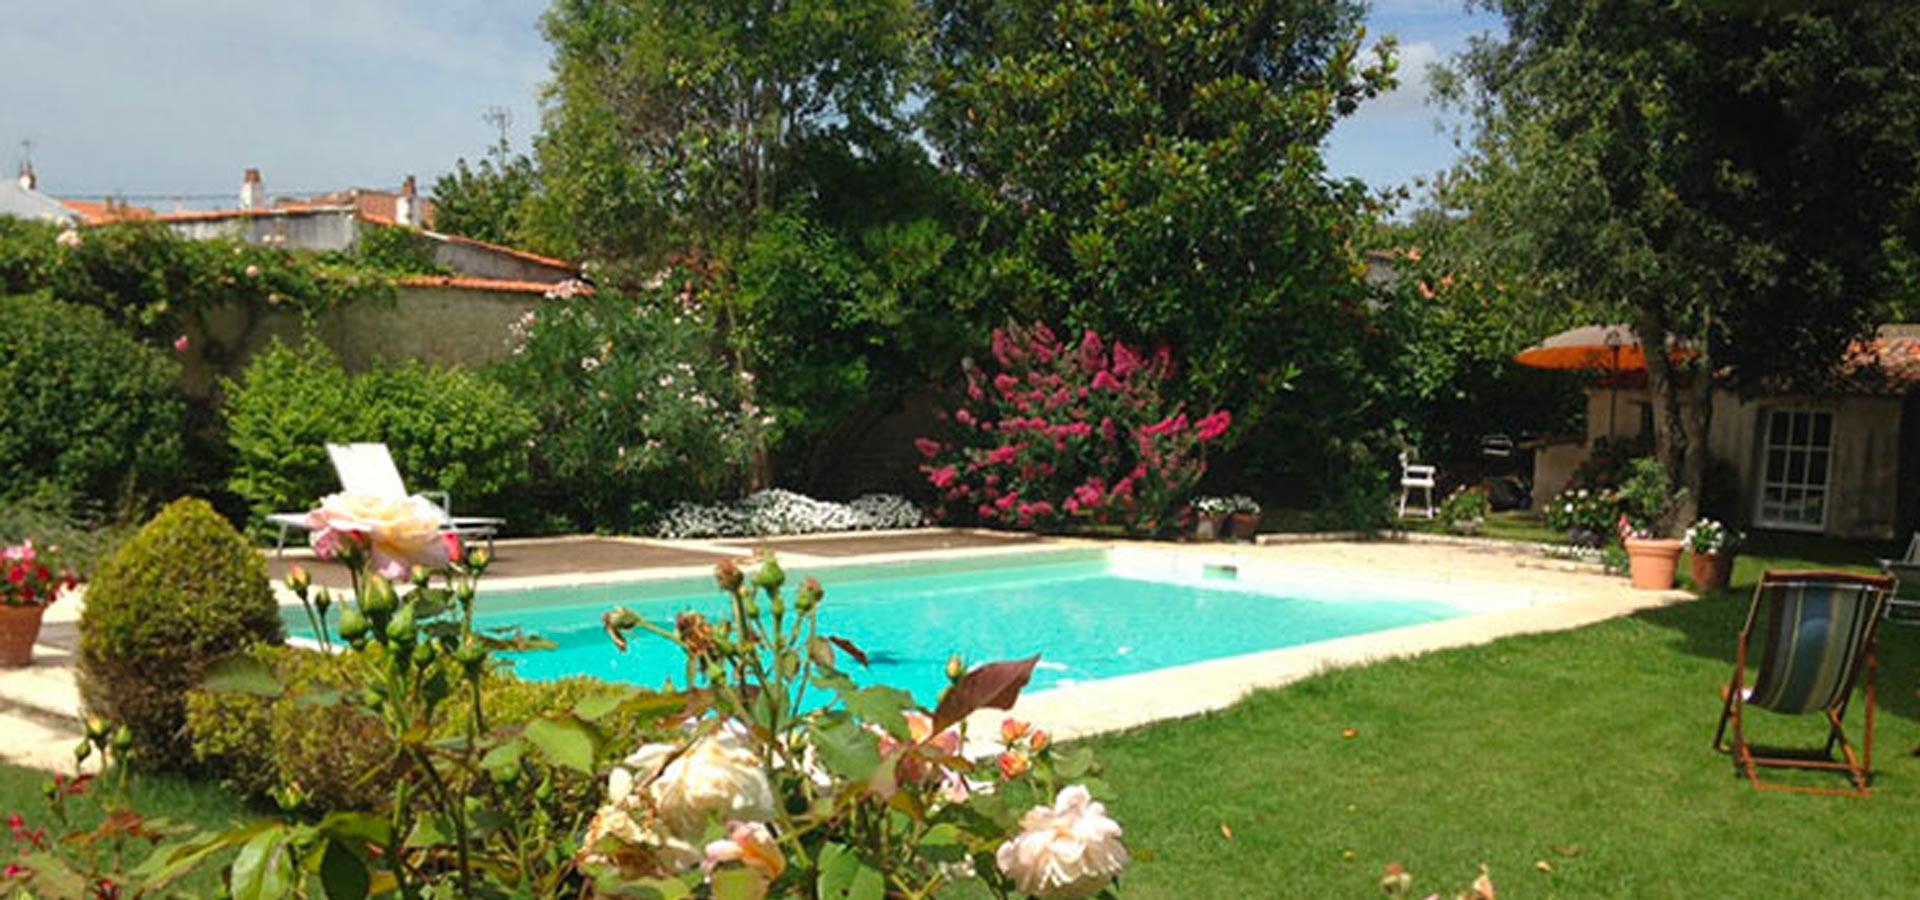 Paysagiste Vigneux De Bretagne, Nantes, Mon Carré De Jardin concernant Mon Aménagement Jardin Piscine